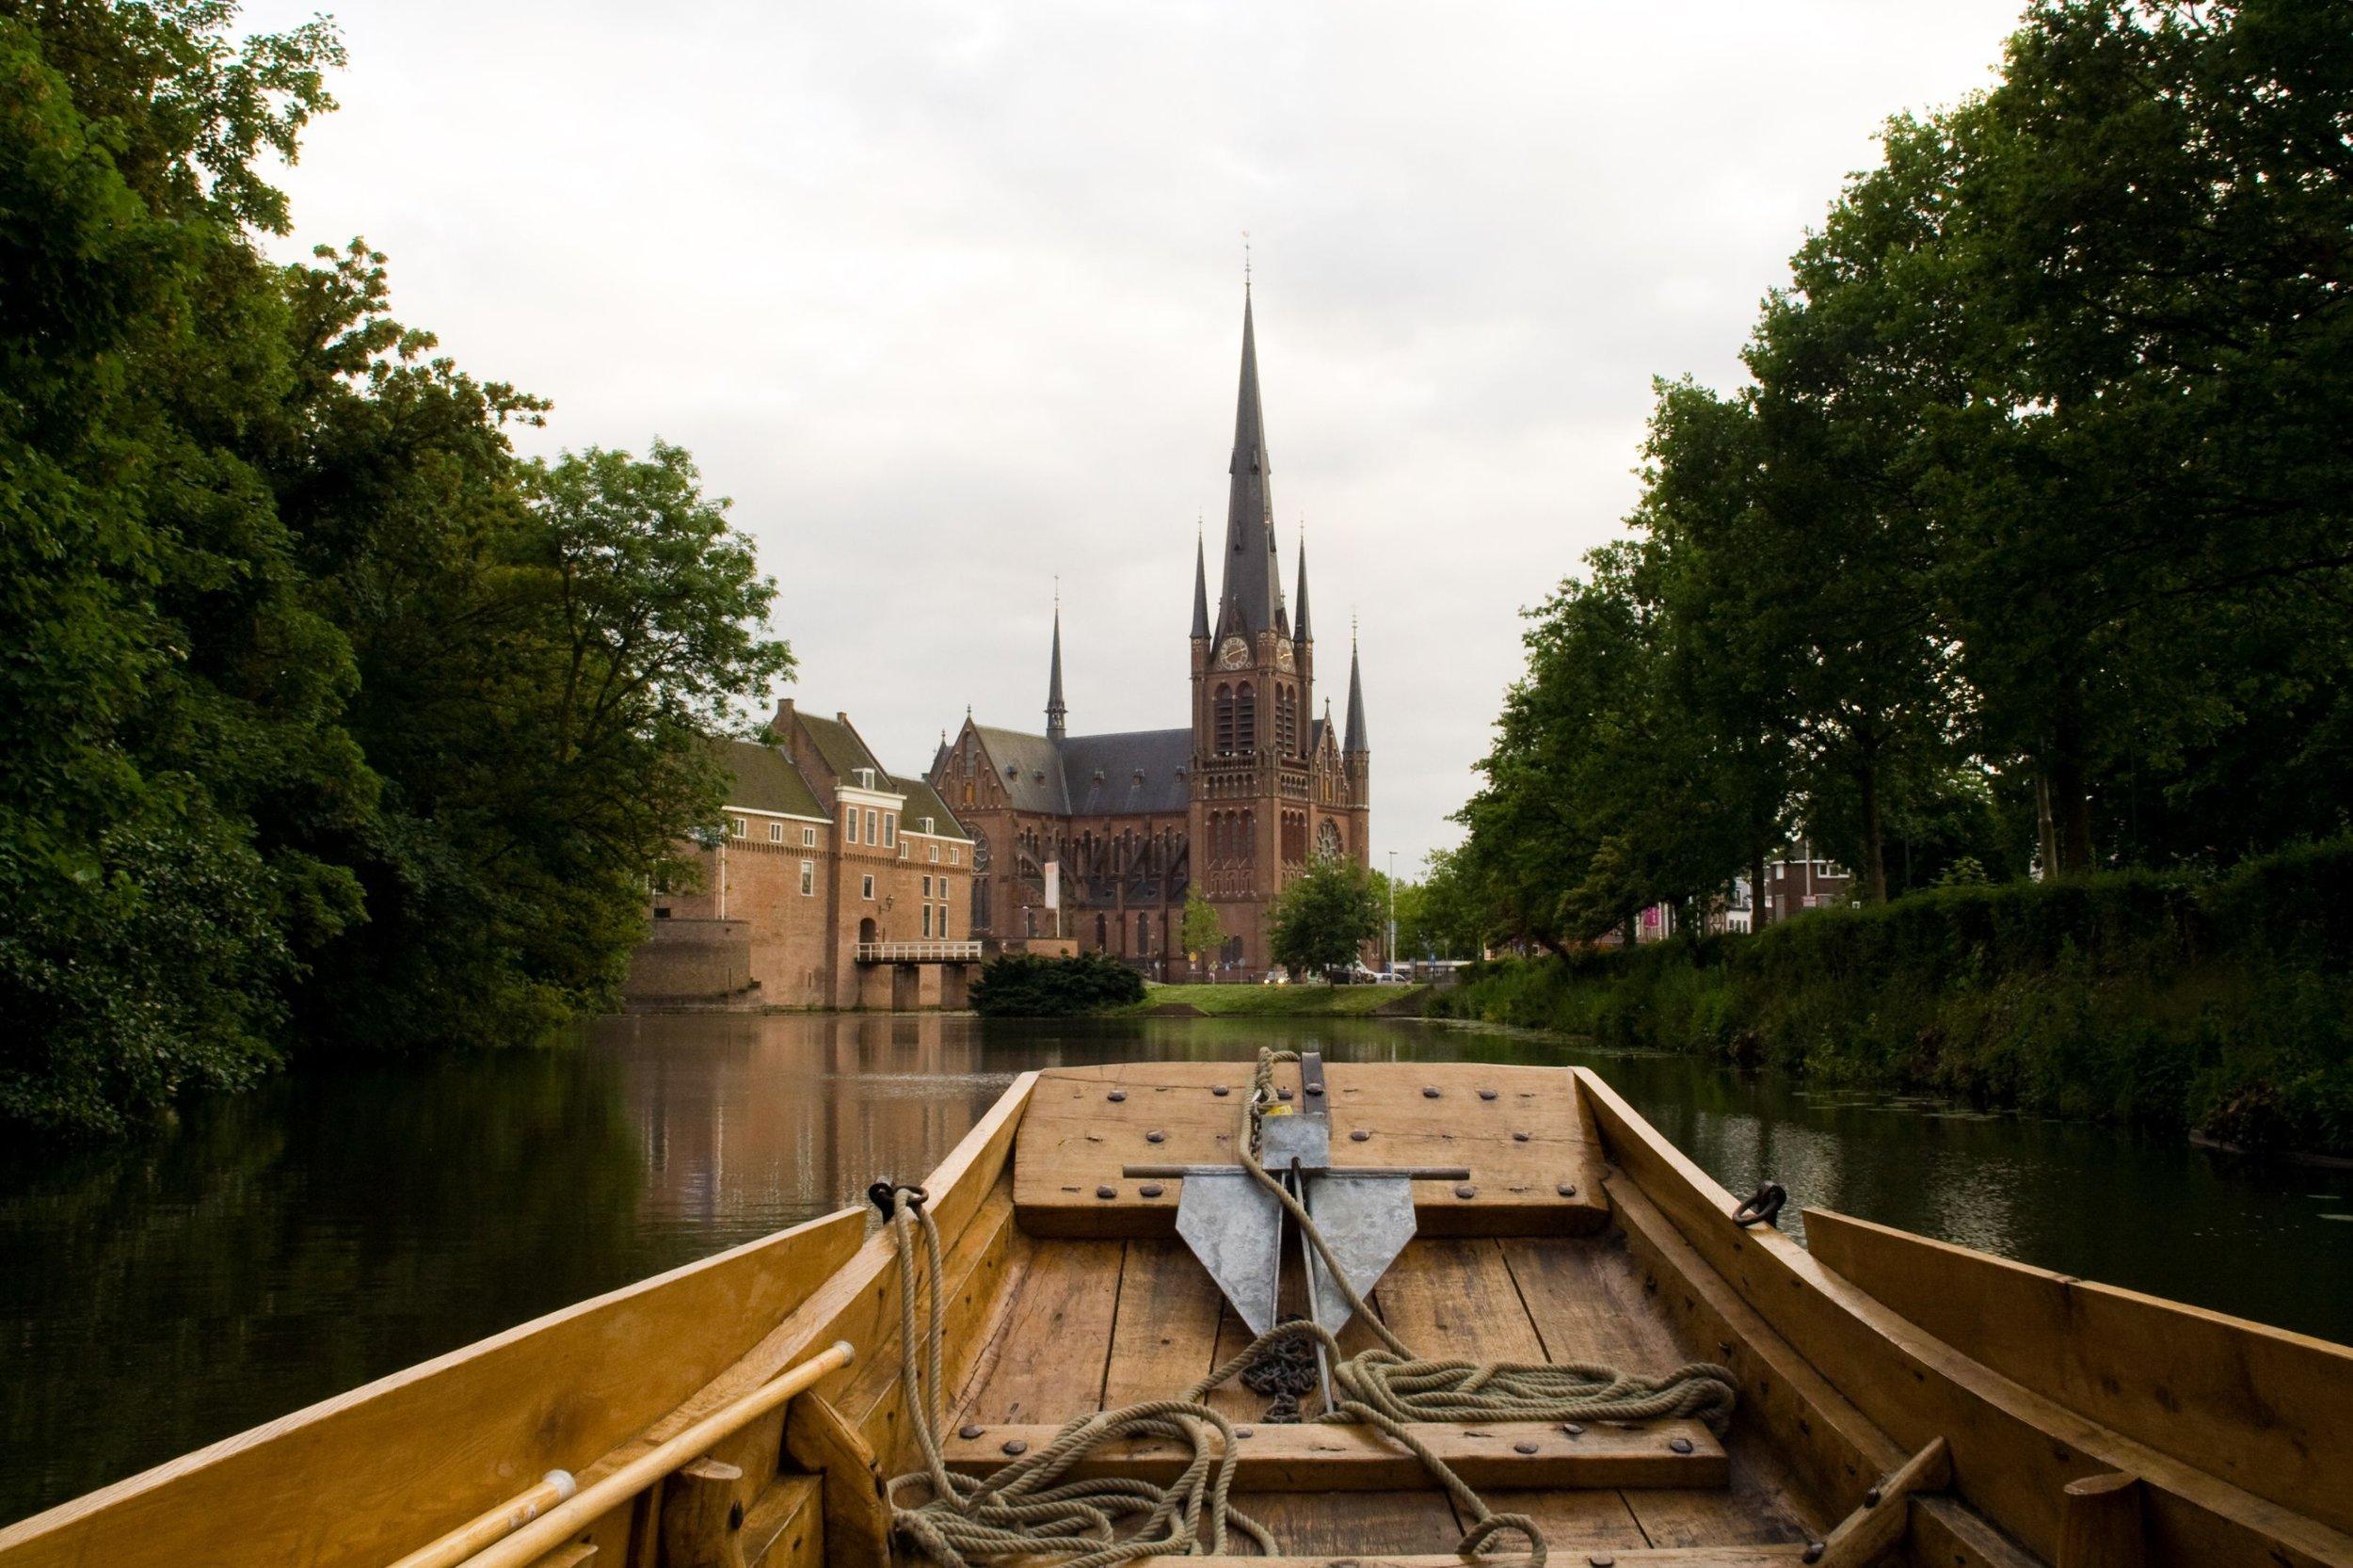 2013 PMAL richting Kasteel Woerden, foto: Miriam Souren